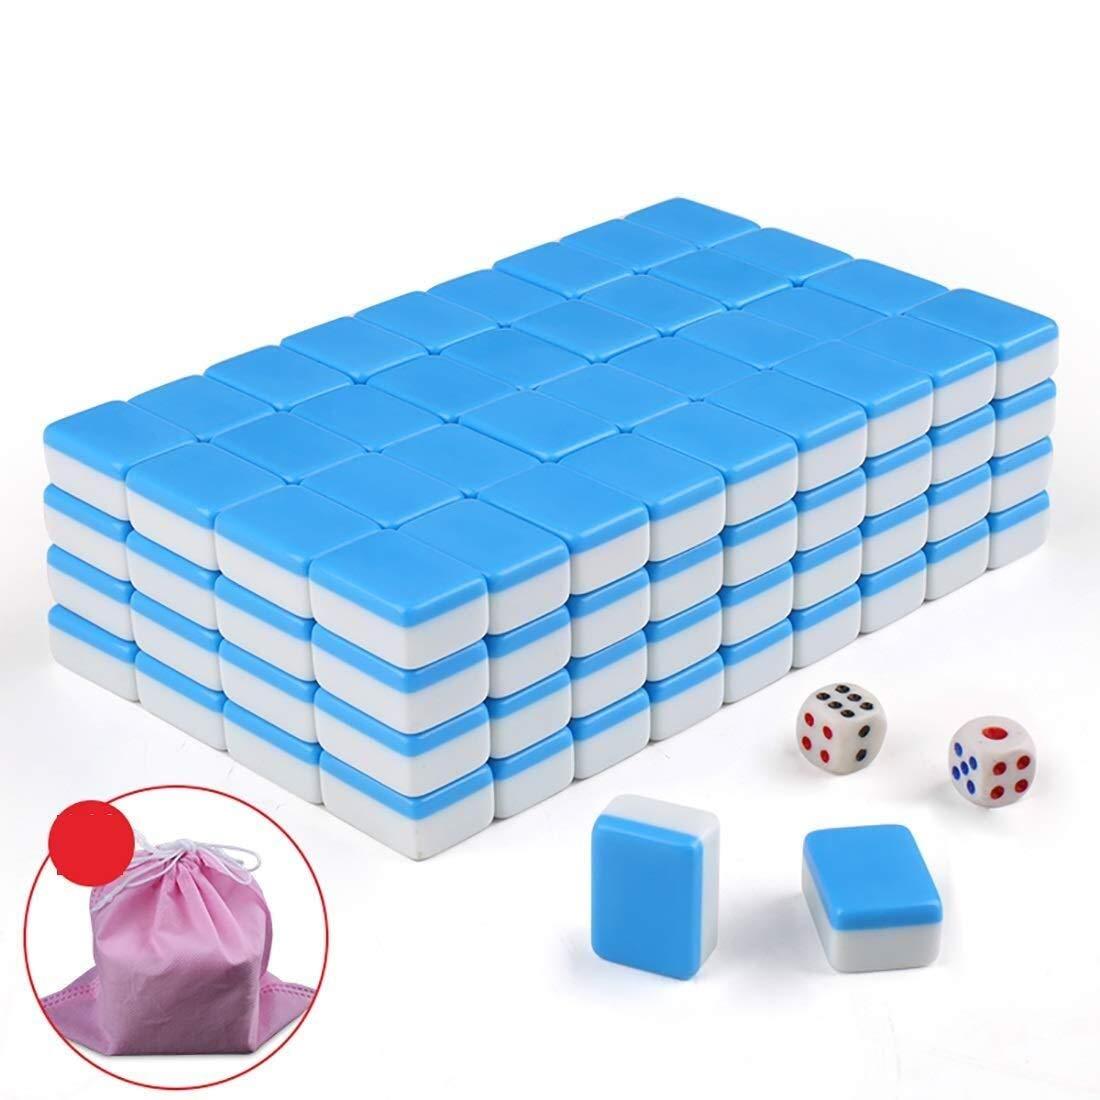 Blau Mahjong Set, Travel Home Mini tragbare 144 Melamin Mahjong, geeignet für Familienfeiern Gesellschaftsspiele (22  17 mm) (Farbe   Blau)